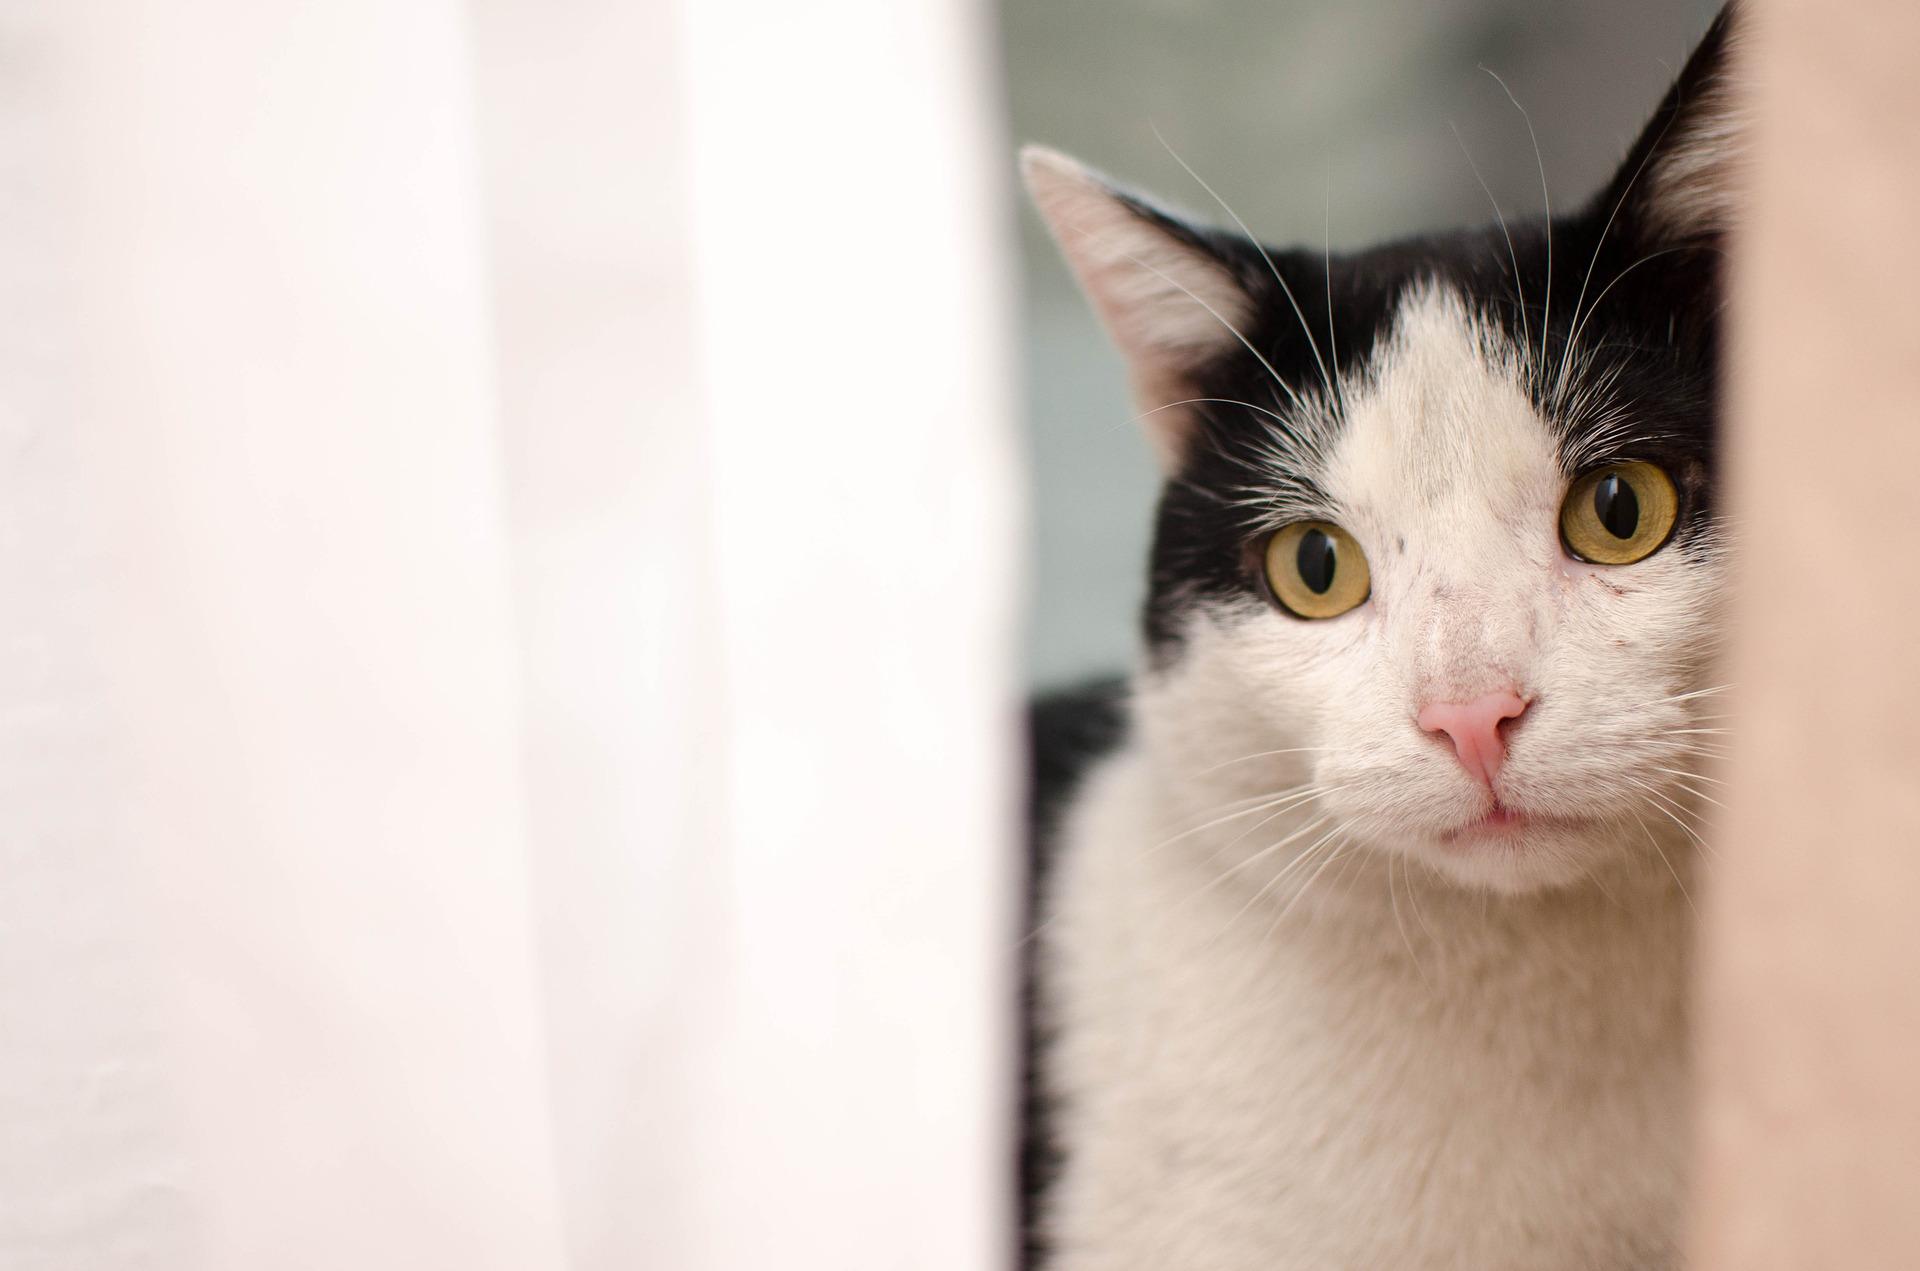 Głodówka u kota prowadzi do poważnych konsekwencji zdrowotnych, w szczególności do groźnego stłuszczenia wątroby.